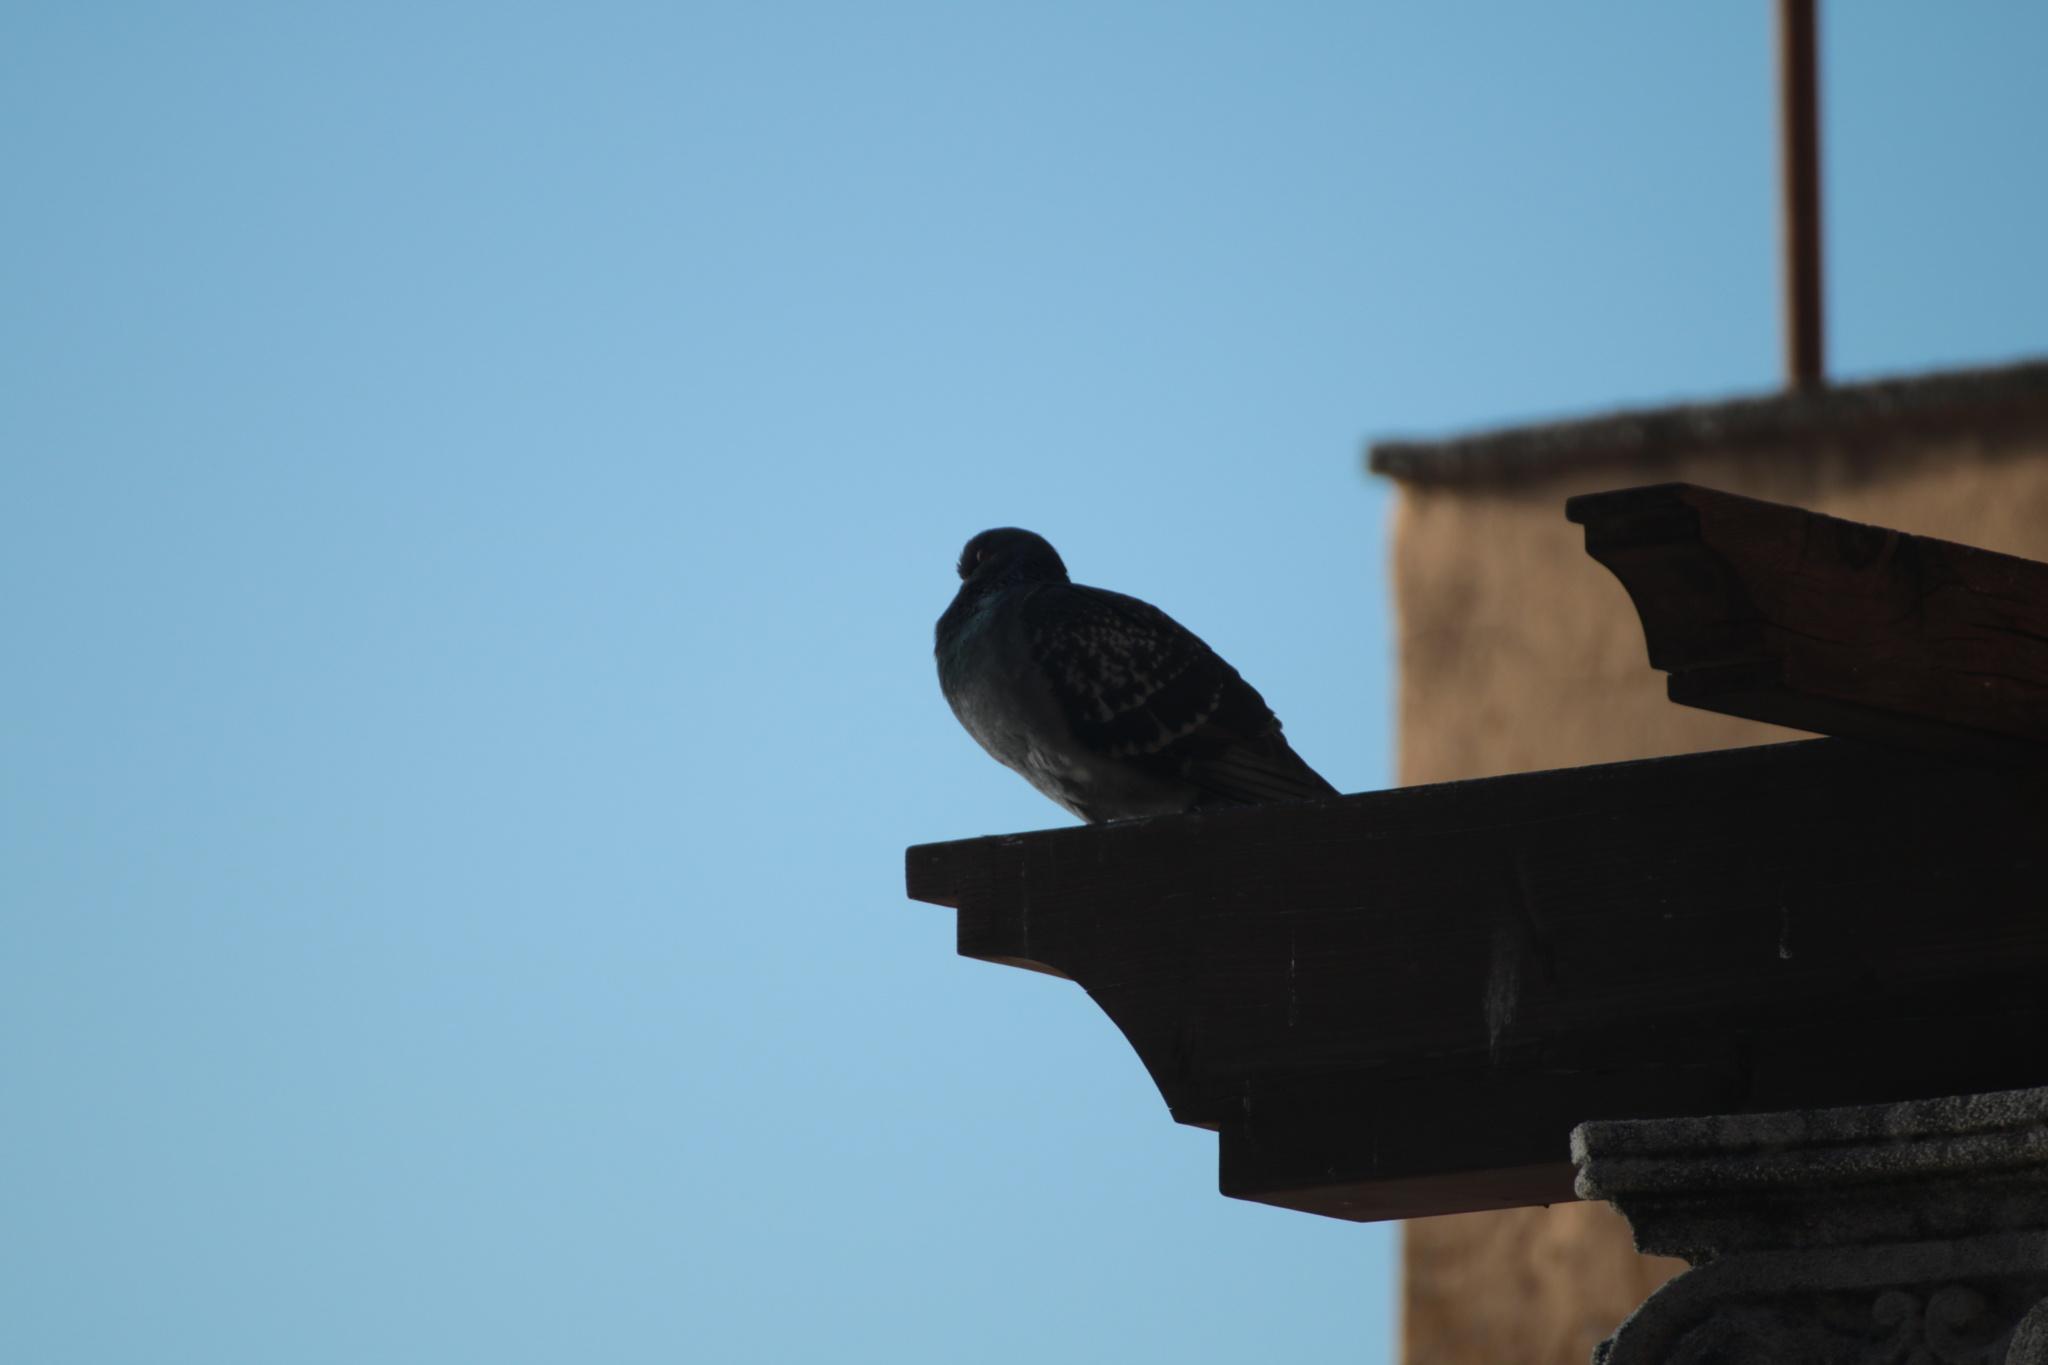 piccione by Fabio C.